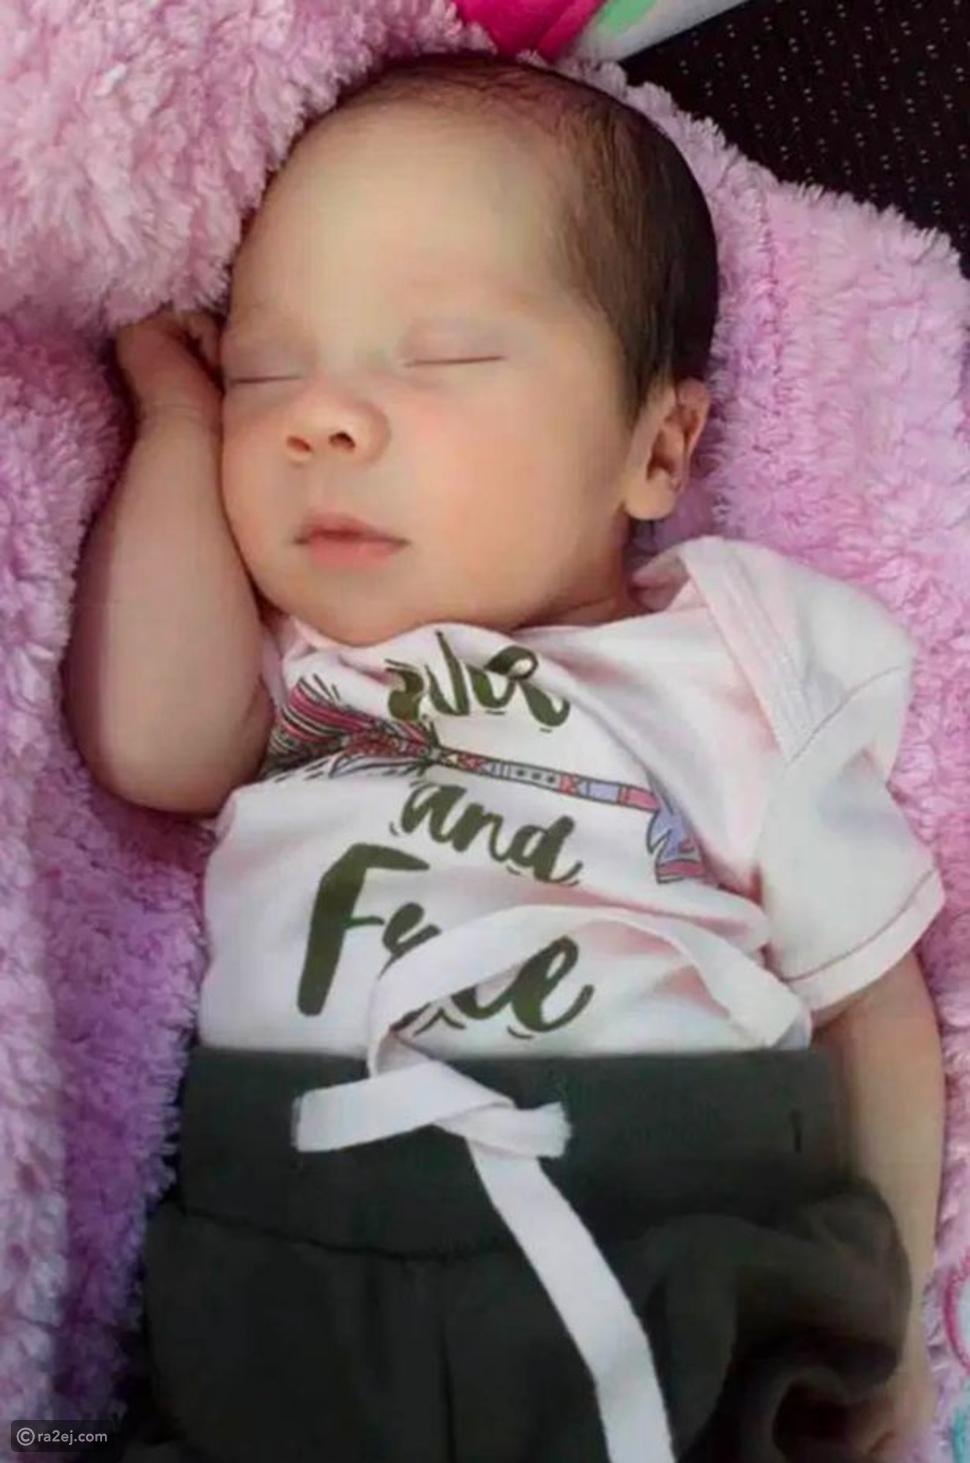 صور طفلة عمرها يوم واحد لكنها حامل في طفل آخر: كيف حدث هذا؟